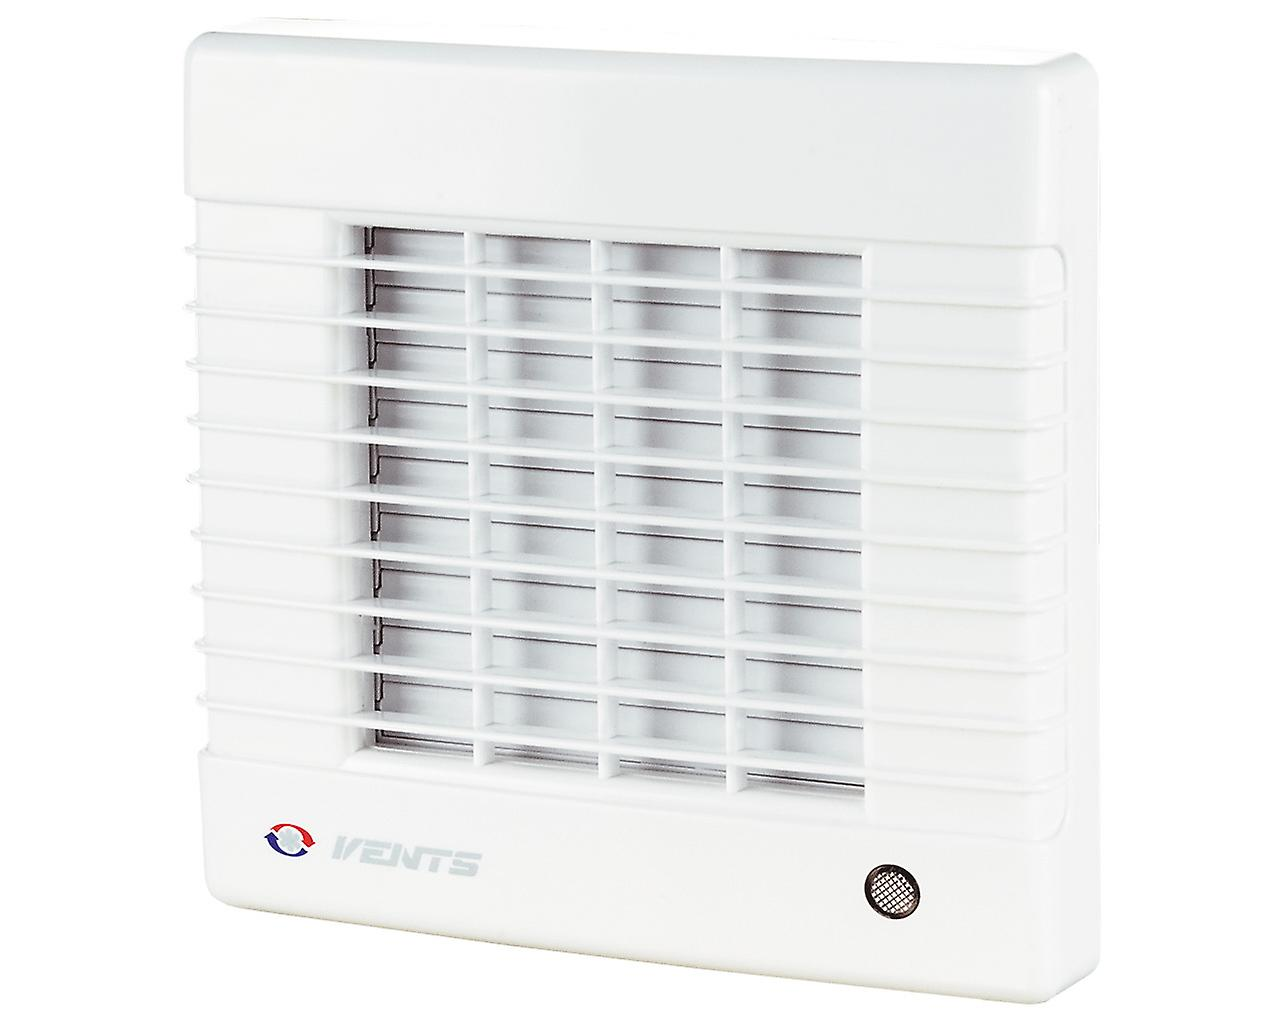 Évents économiseuse d'énergie ventilateur 150 MA marche arrière 202 m³ h approvisionnement et échappement IP24 avec contrôleur